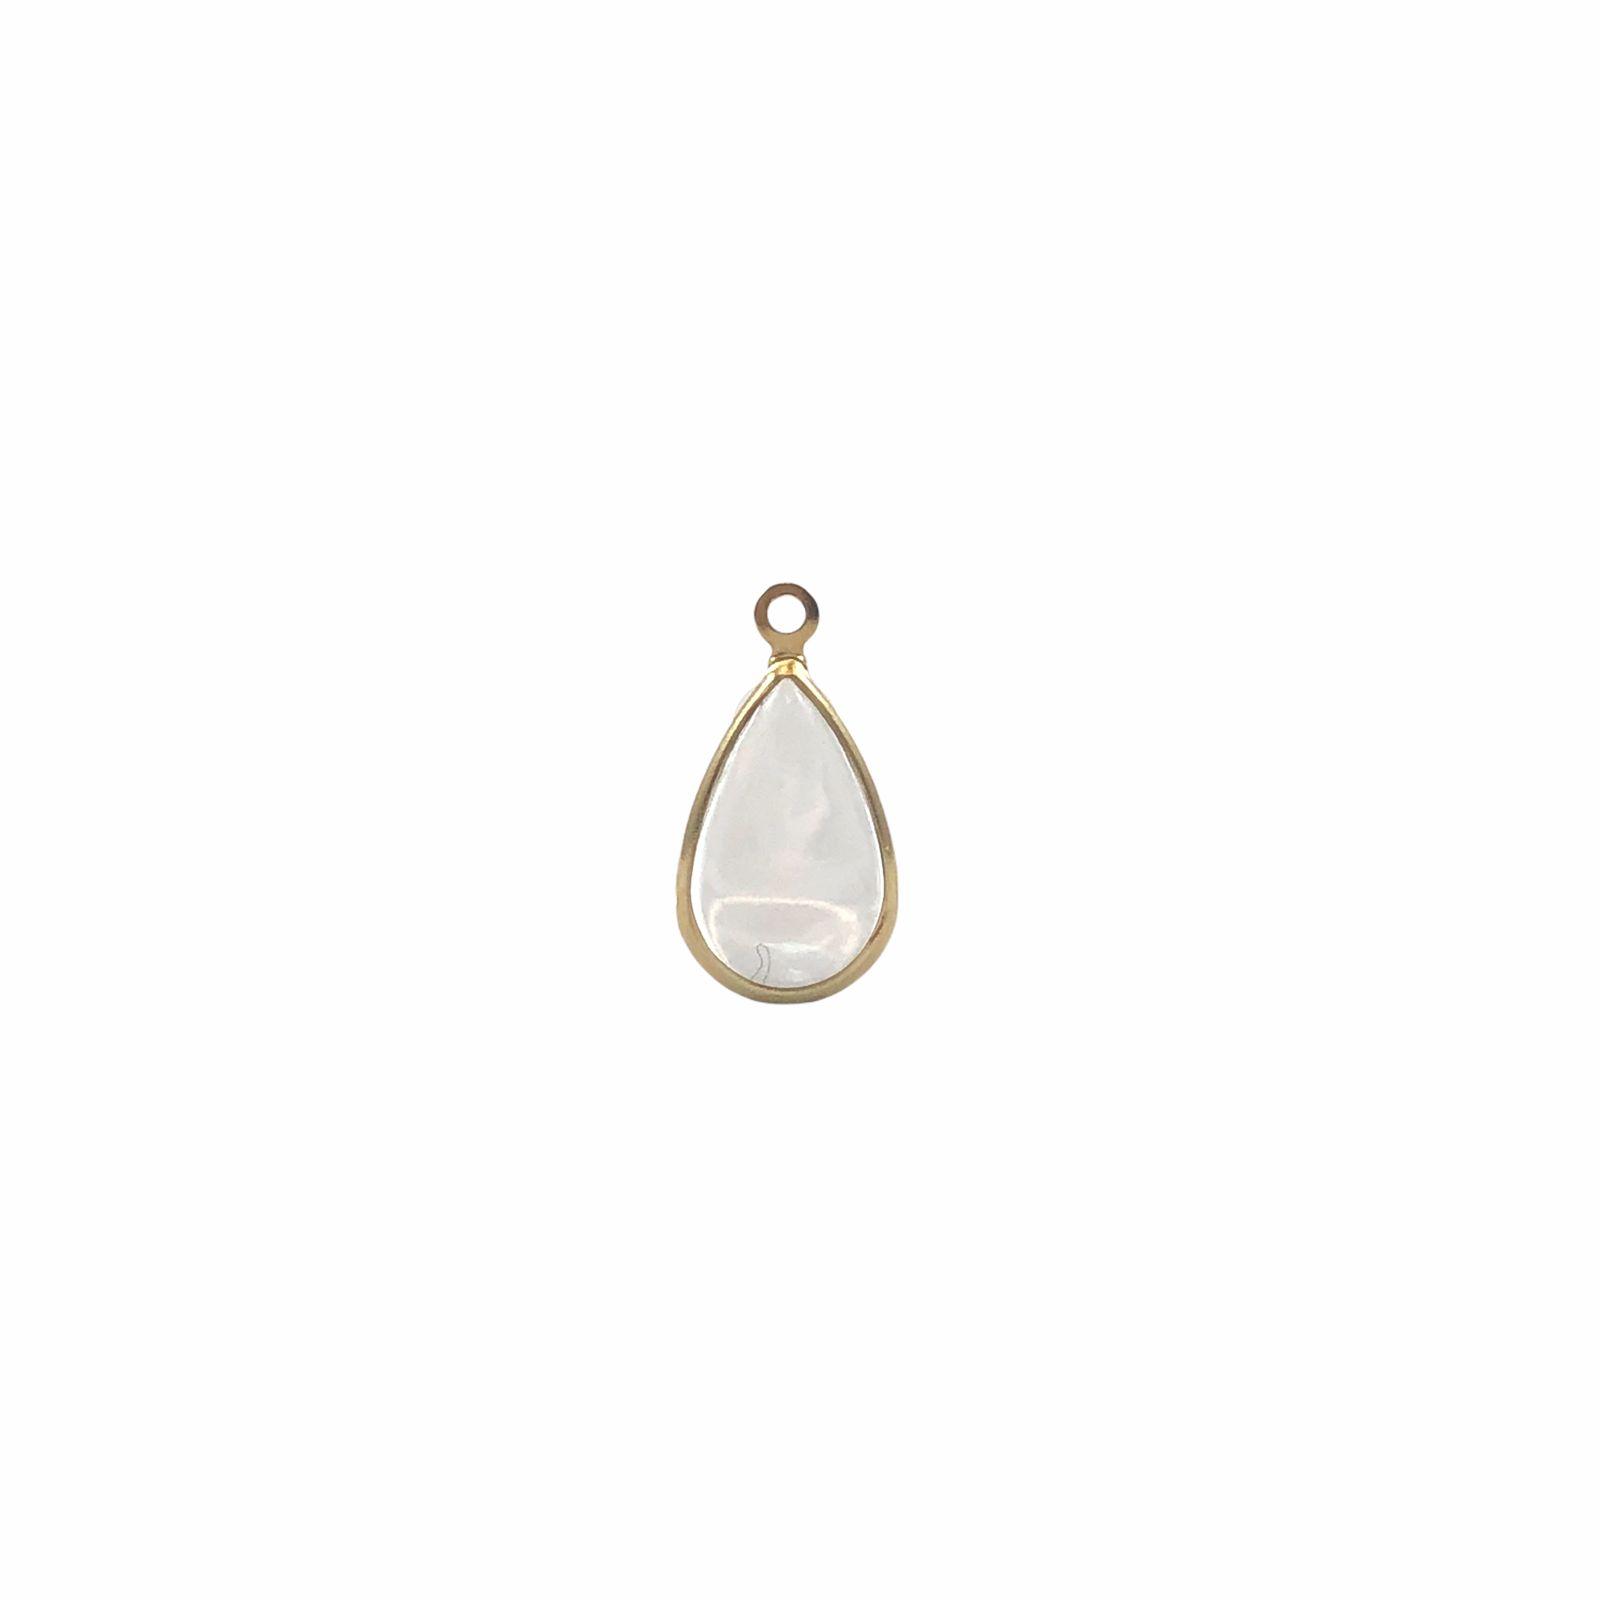 PG673 - Pingente de Vidro Cristal 13mm Banhado Cor Dourado - 04Unids